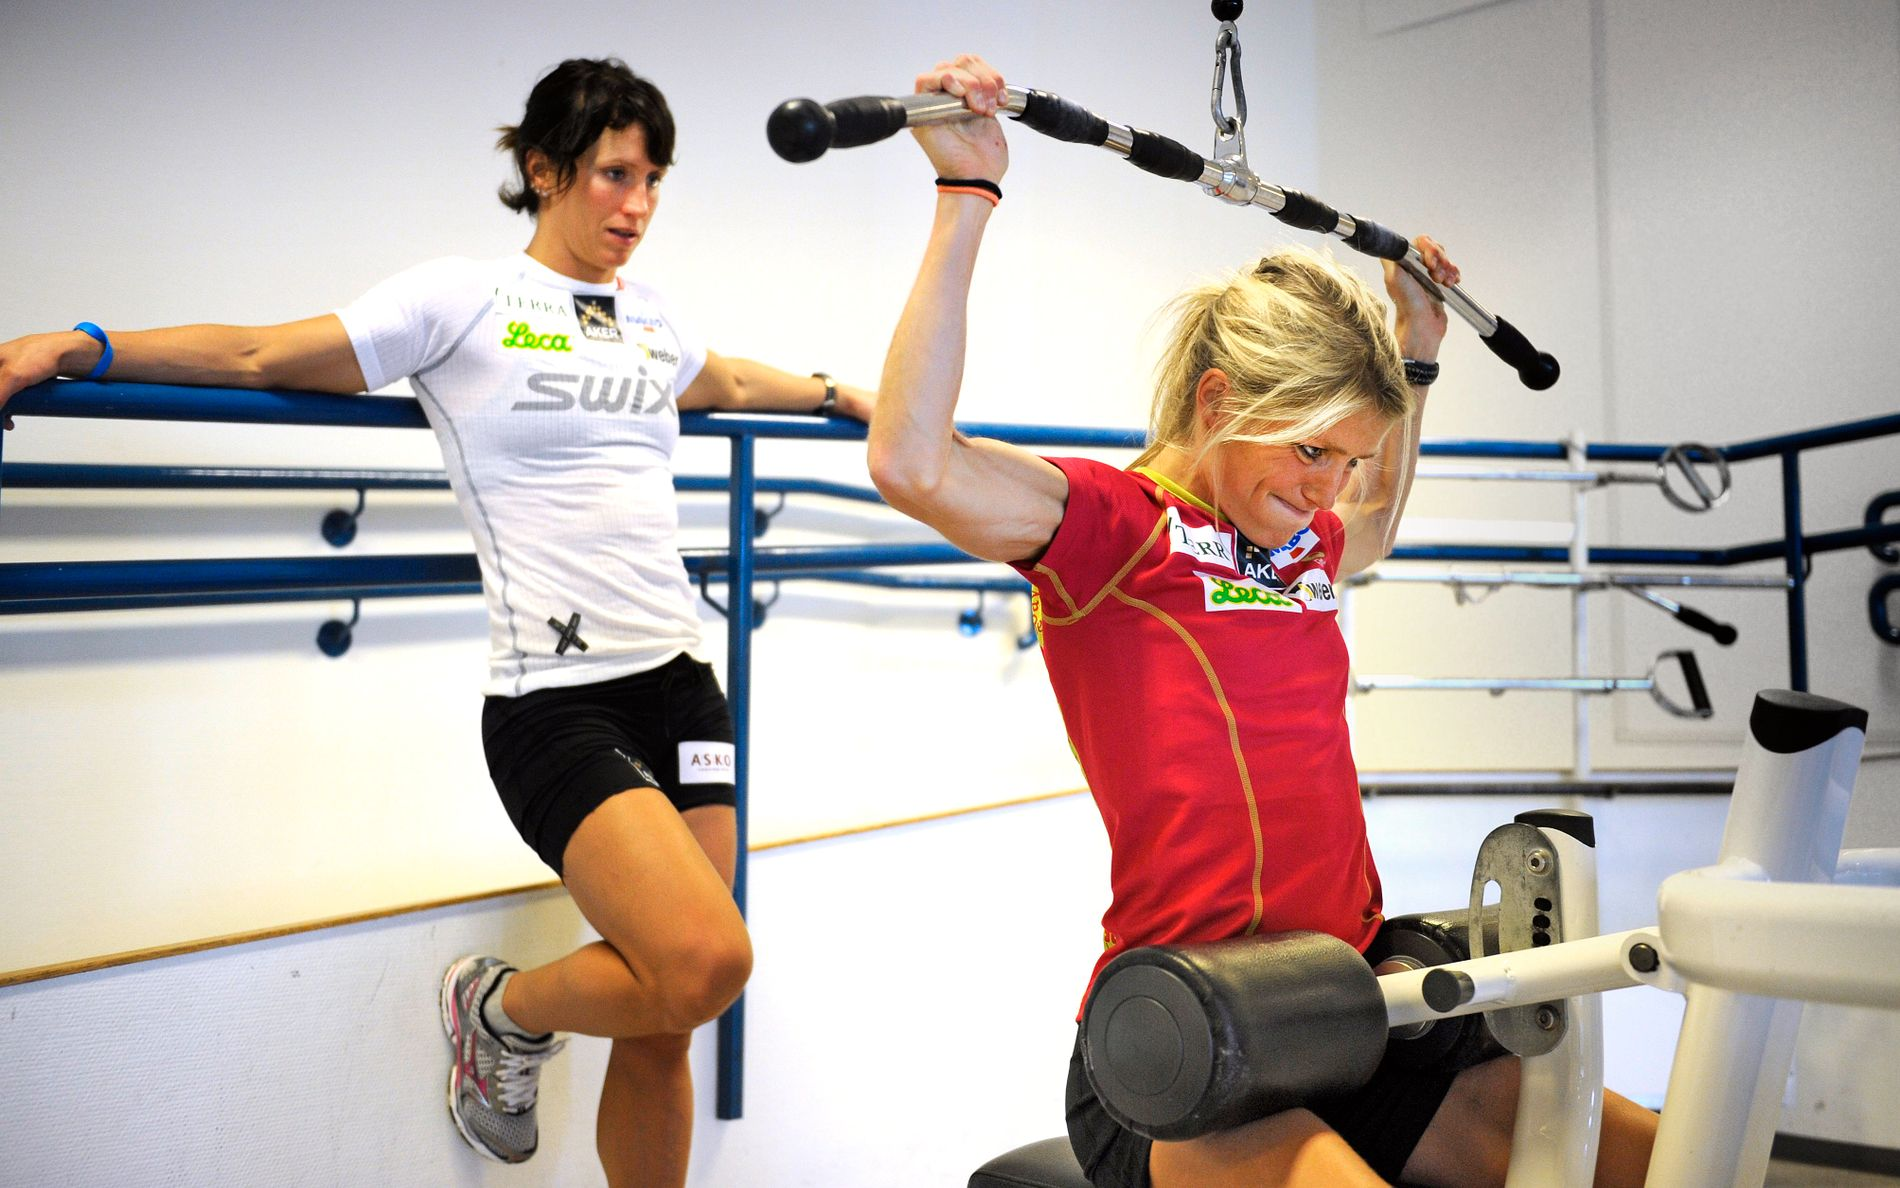 MÅ HOLDE SEG UNNA OLYMPIATOPPEN: Therese Johaug kan ikke trene på Olympiatoppen etter at hun er suspendert etter en positiv dopingprøve. Her er hun fotografert under en treningsøkt Olympiatoppen sammen med Marit Bjørgen (t.v.) i juni 2011.